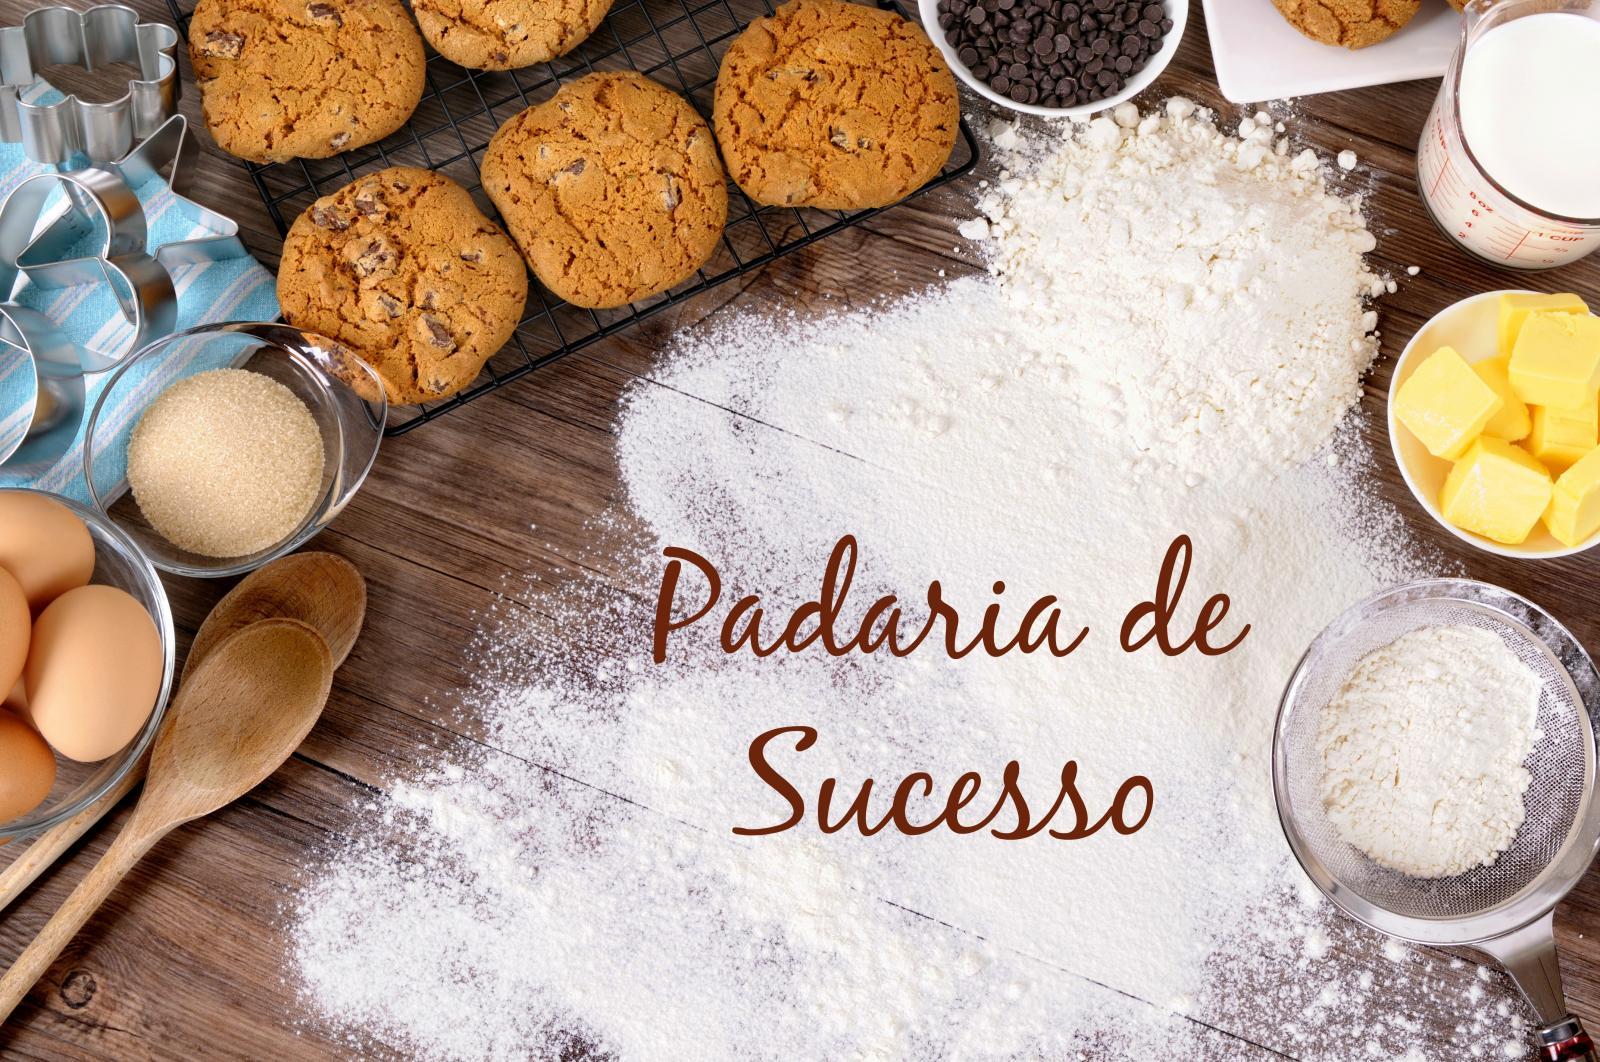 Dicas para gerir uma padaria de sucesso